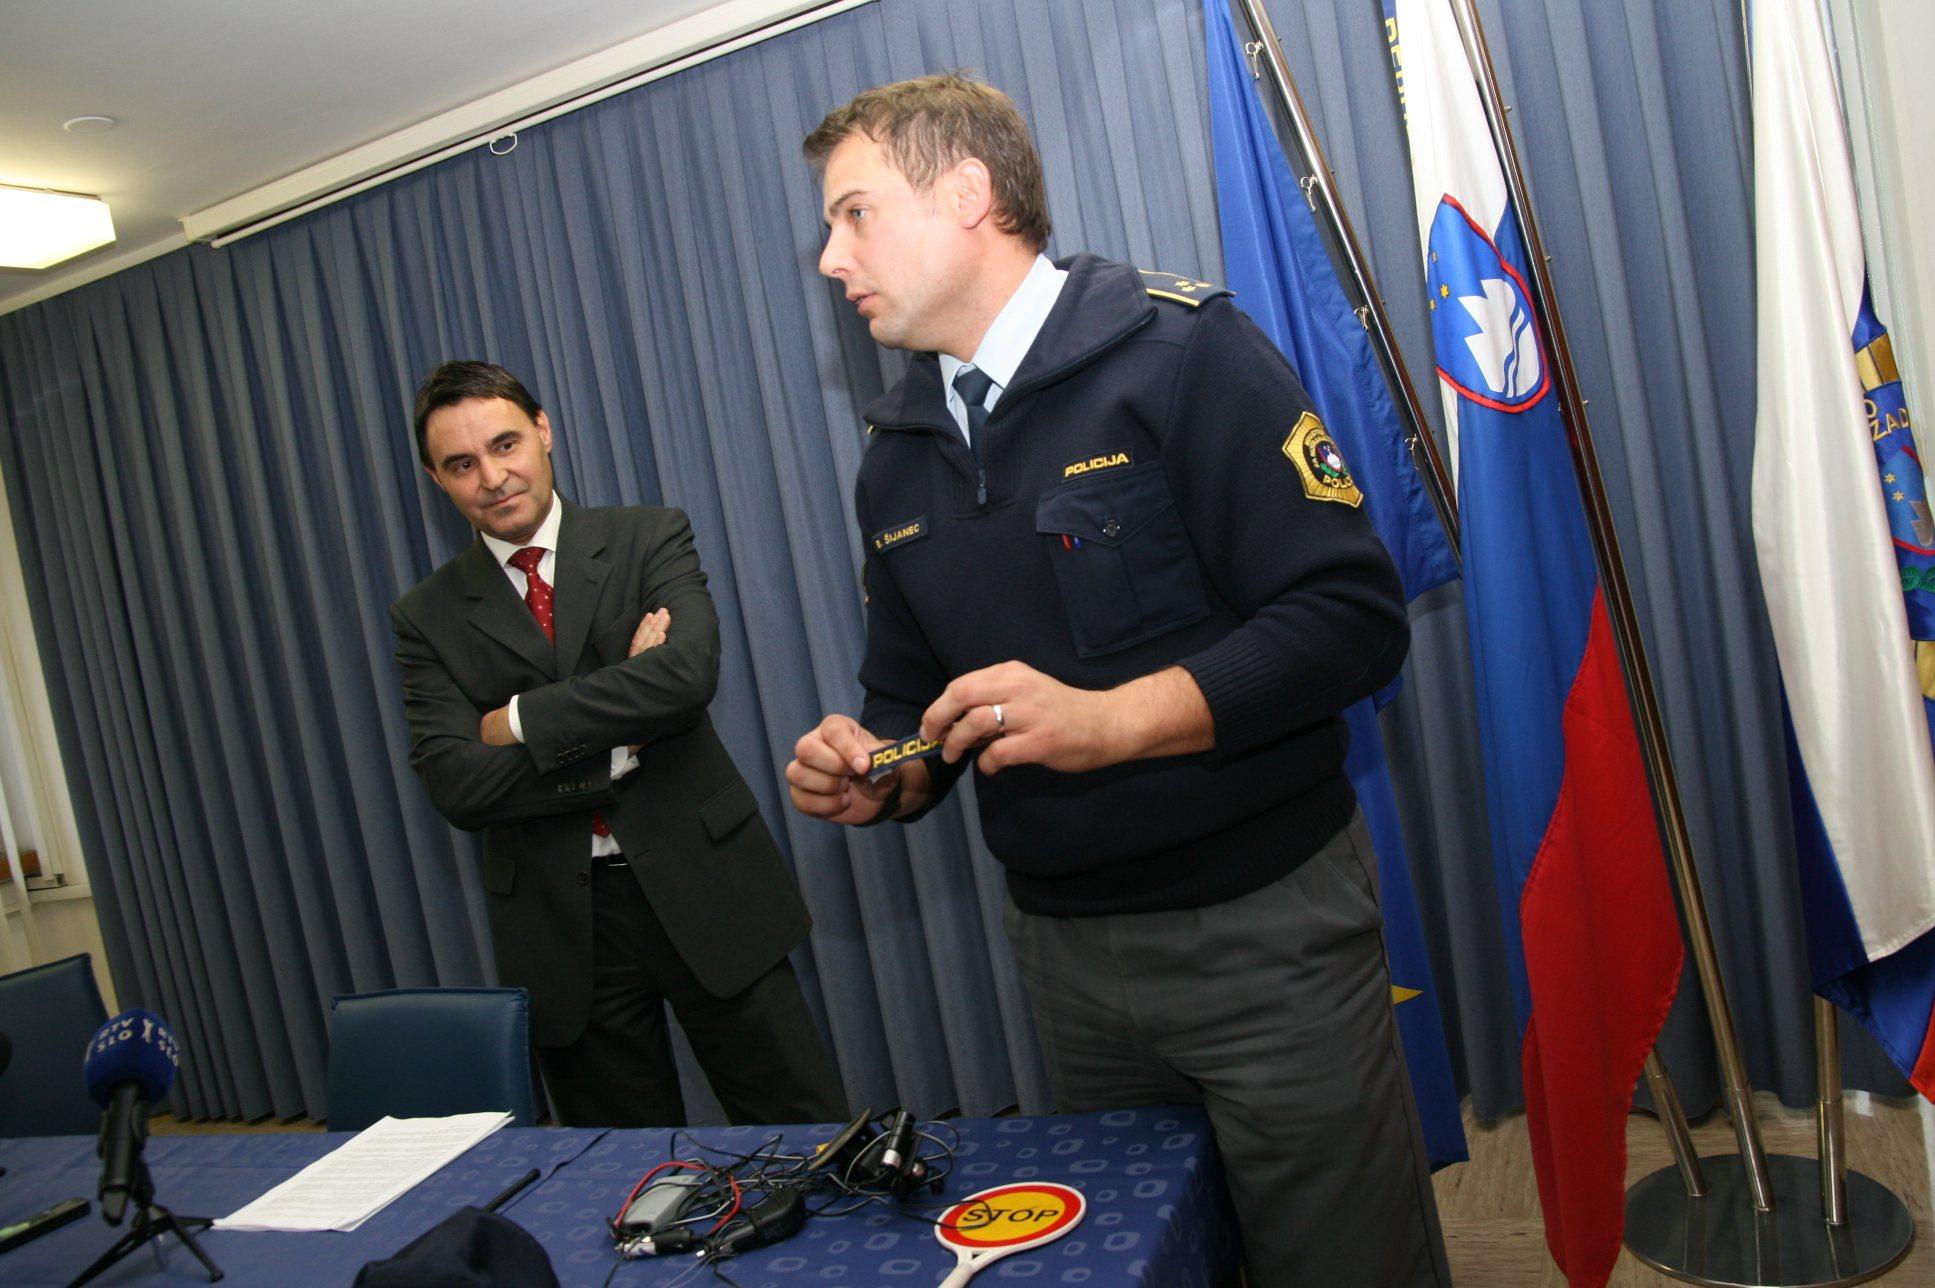 Na Policijski upravi v Murski Soboti so na ogled postavili zasežene predmete, ki jih je uporabljal lažni policist.